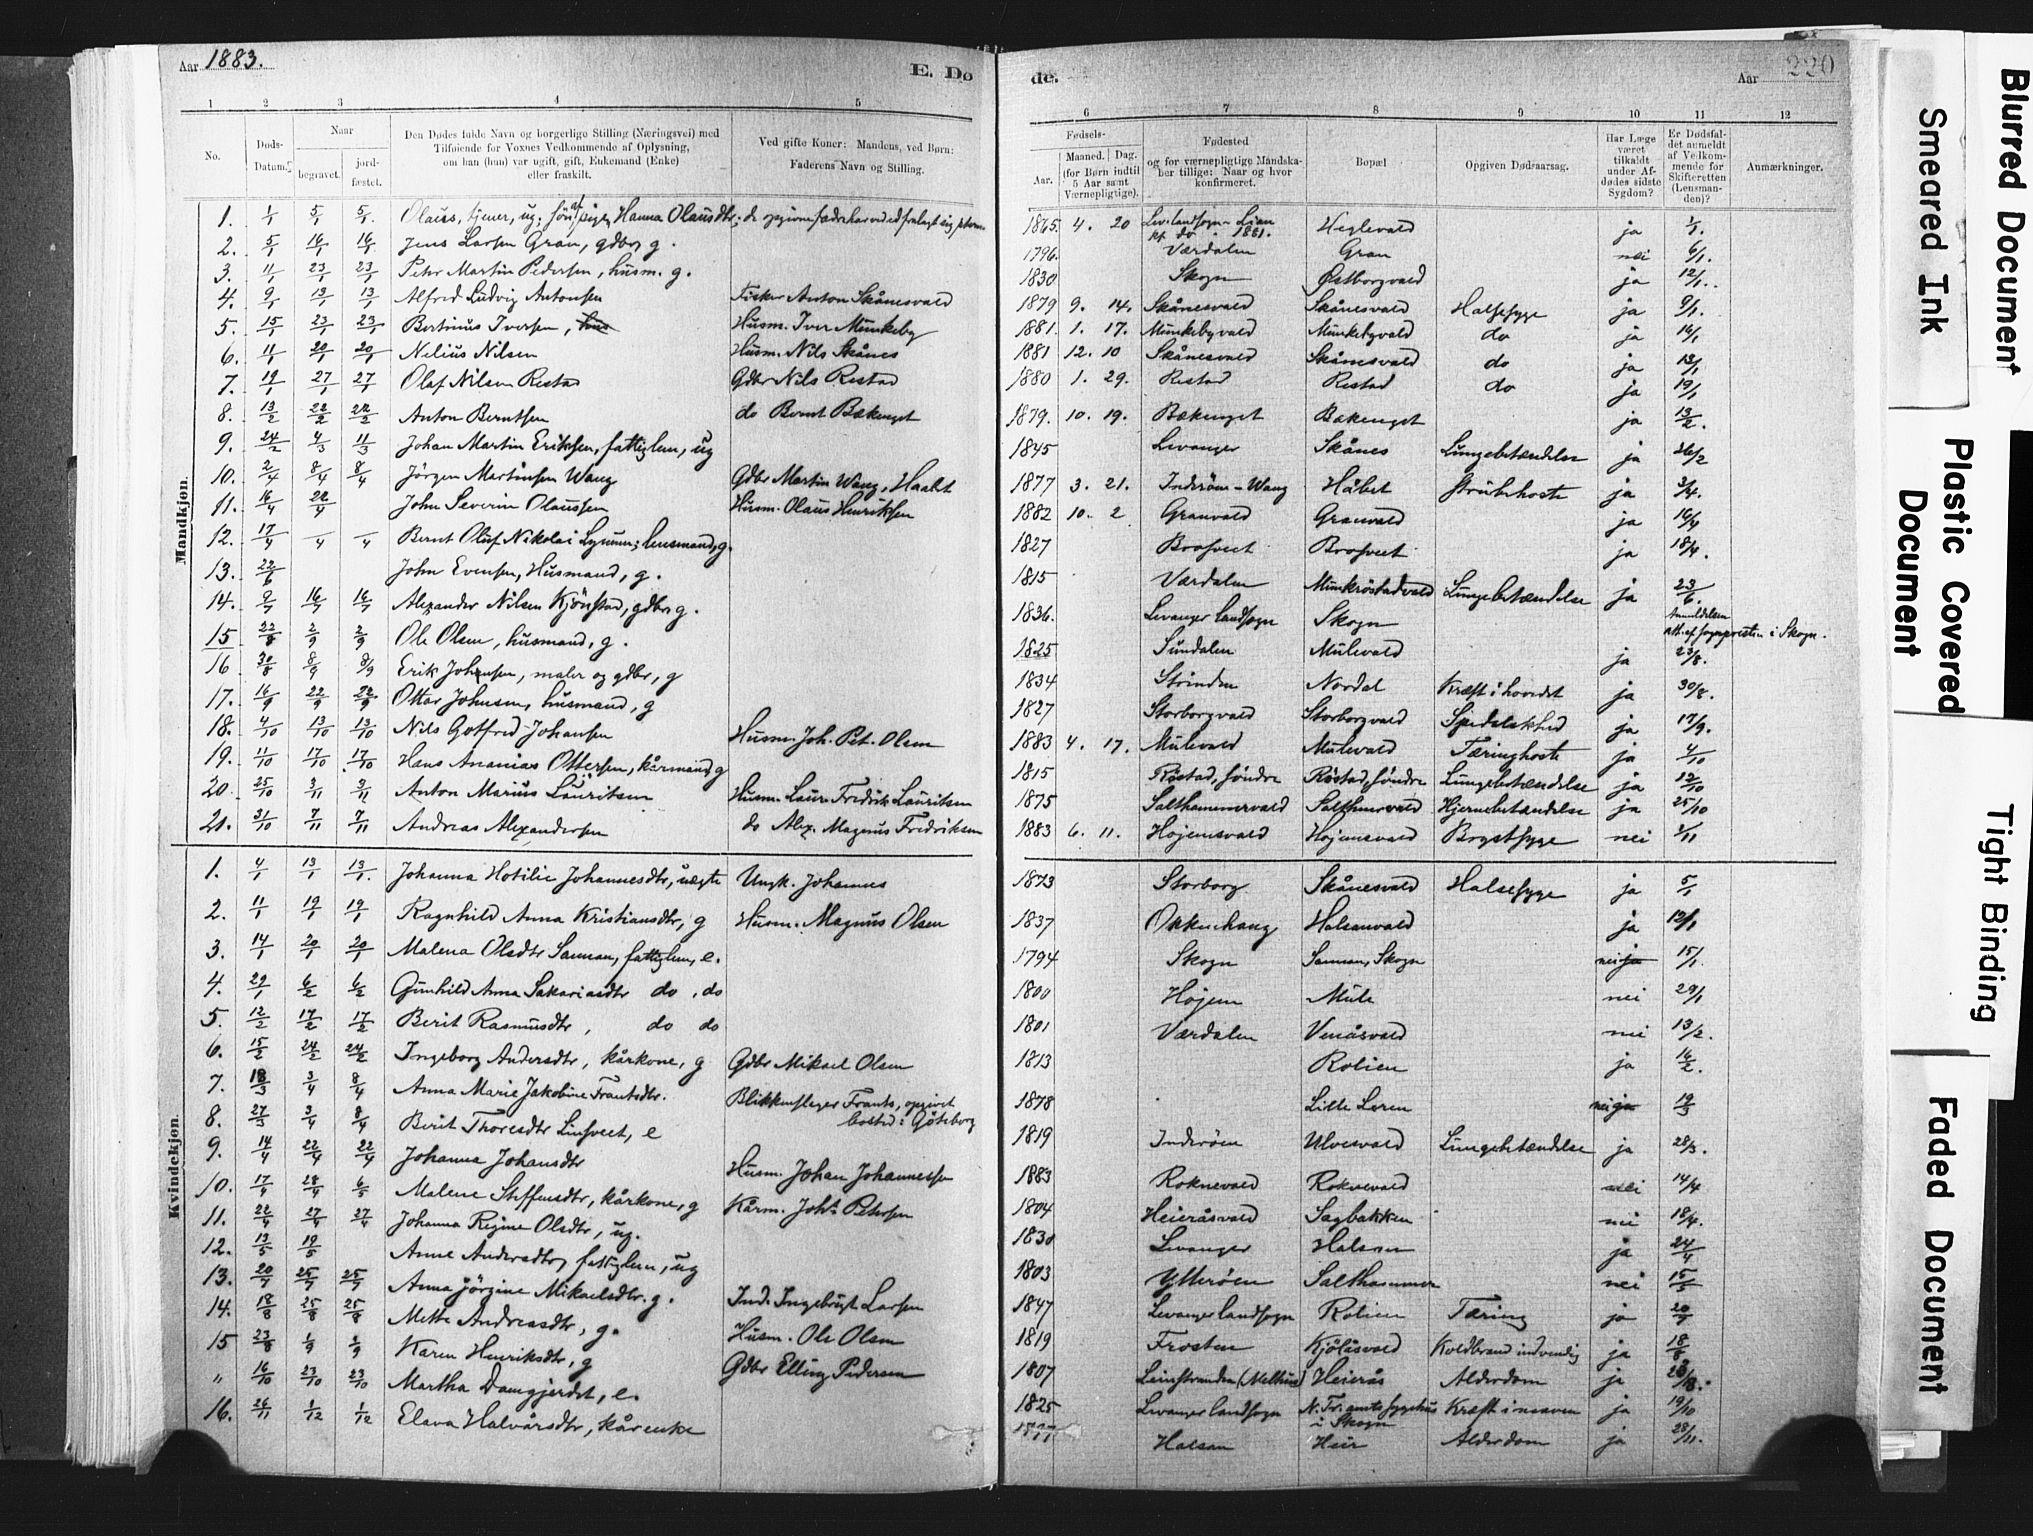 SAT, Ministerialprotokoller, klokkerbøker og fødselsregistre - Nord-Trøndelag, 721/L0207: Ministerialbok nr. 721A02, 1880-1911, s. 220